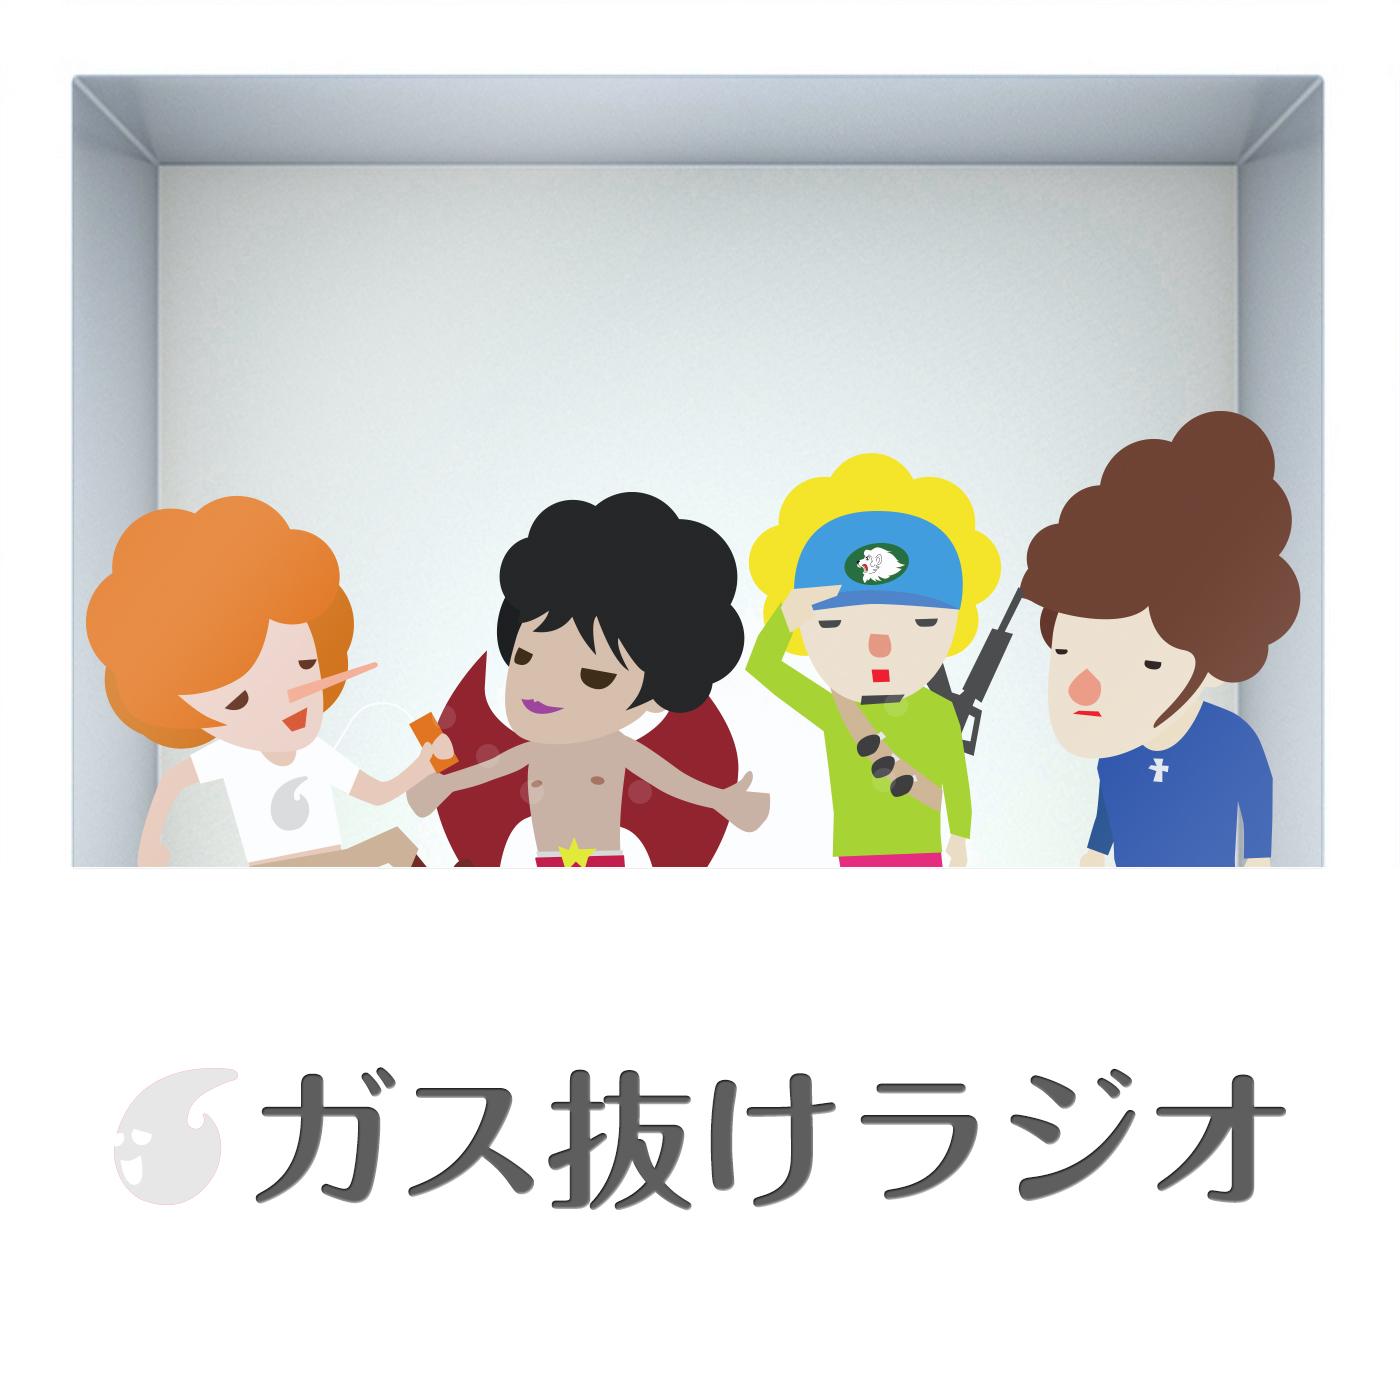 ガス抜けラジオ.NET おっさんの為のおっさんによるおっさんポッドキャスト.jpg